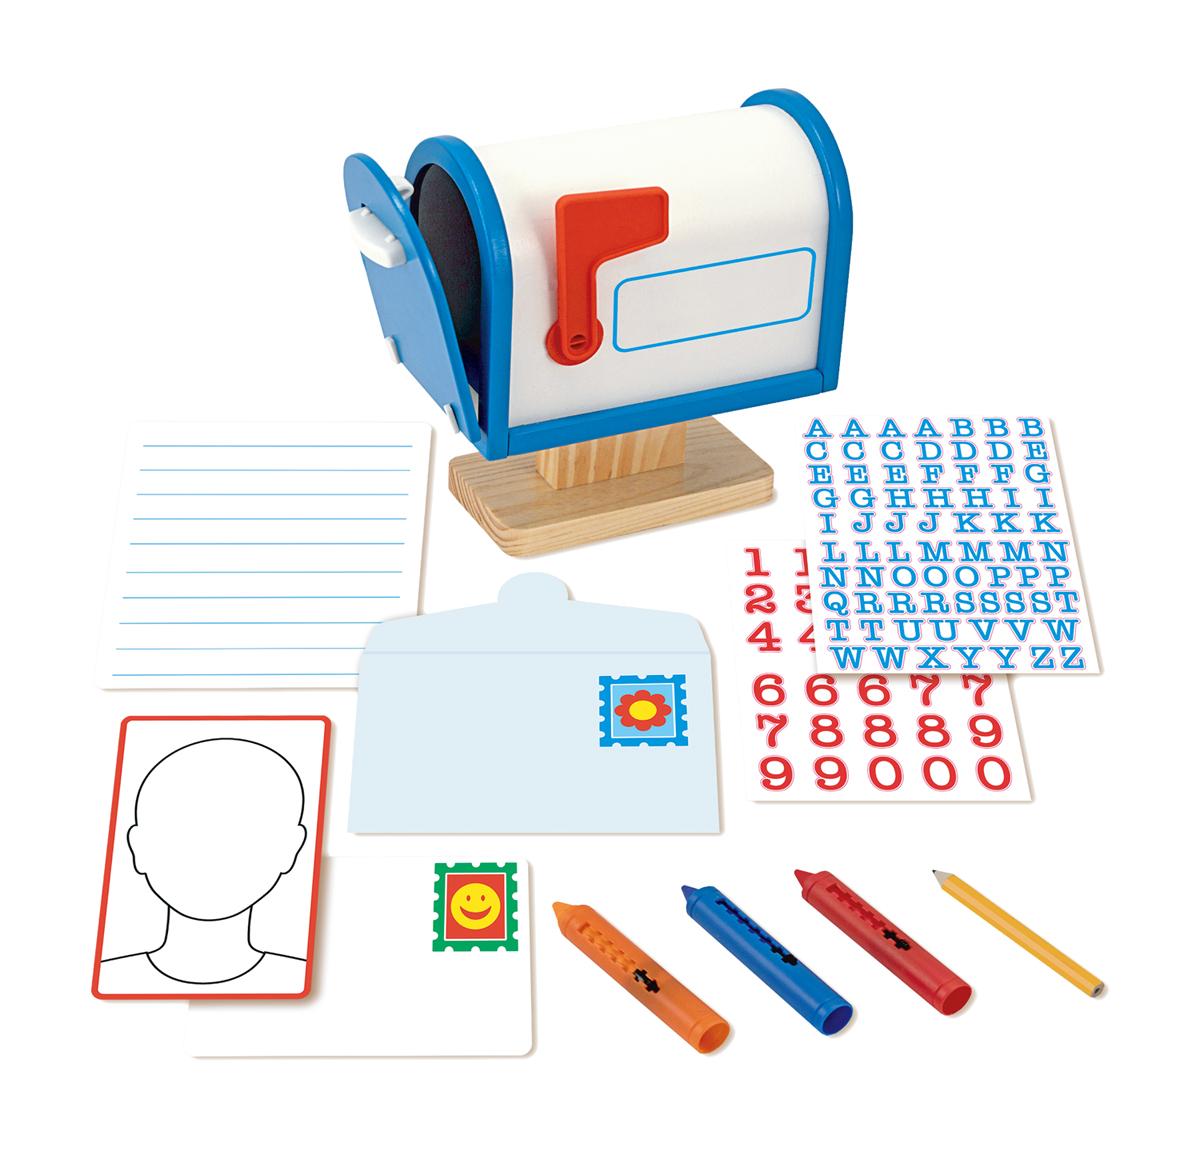 Мой почтовый ящик из серии Классические игрушкиРазное<br>Мой почтовый ящик из серии Классические игрушки<br>